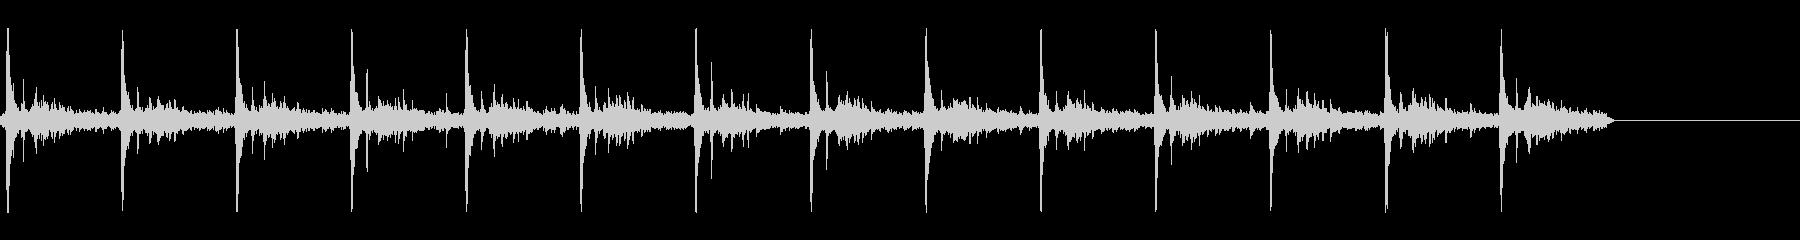 プレスプレス図面-ワークショップの未再生の波形